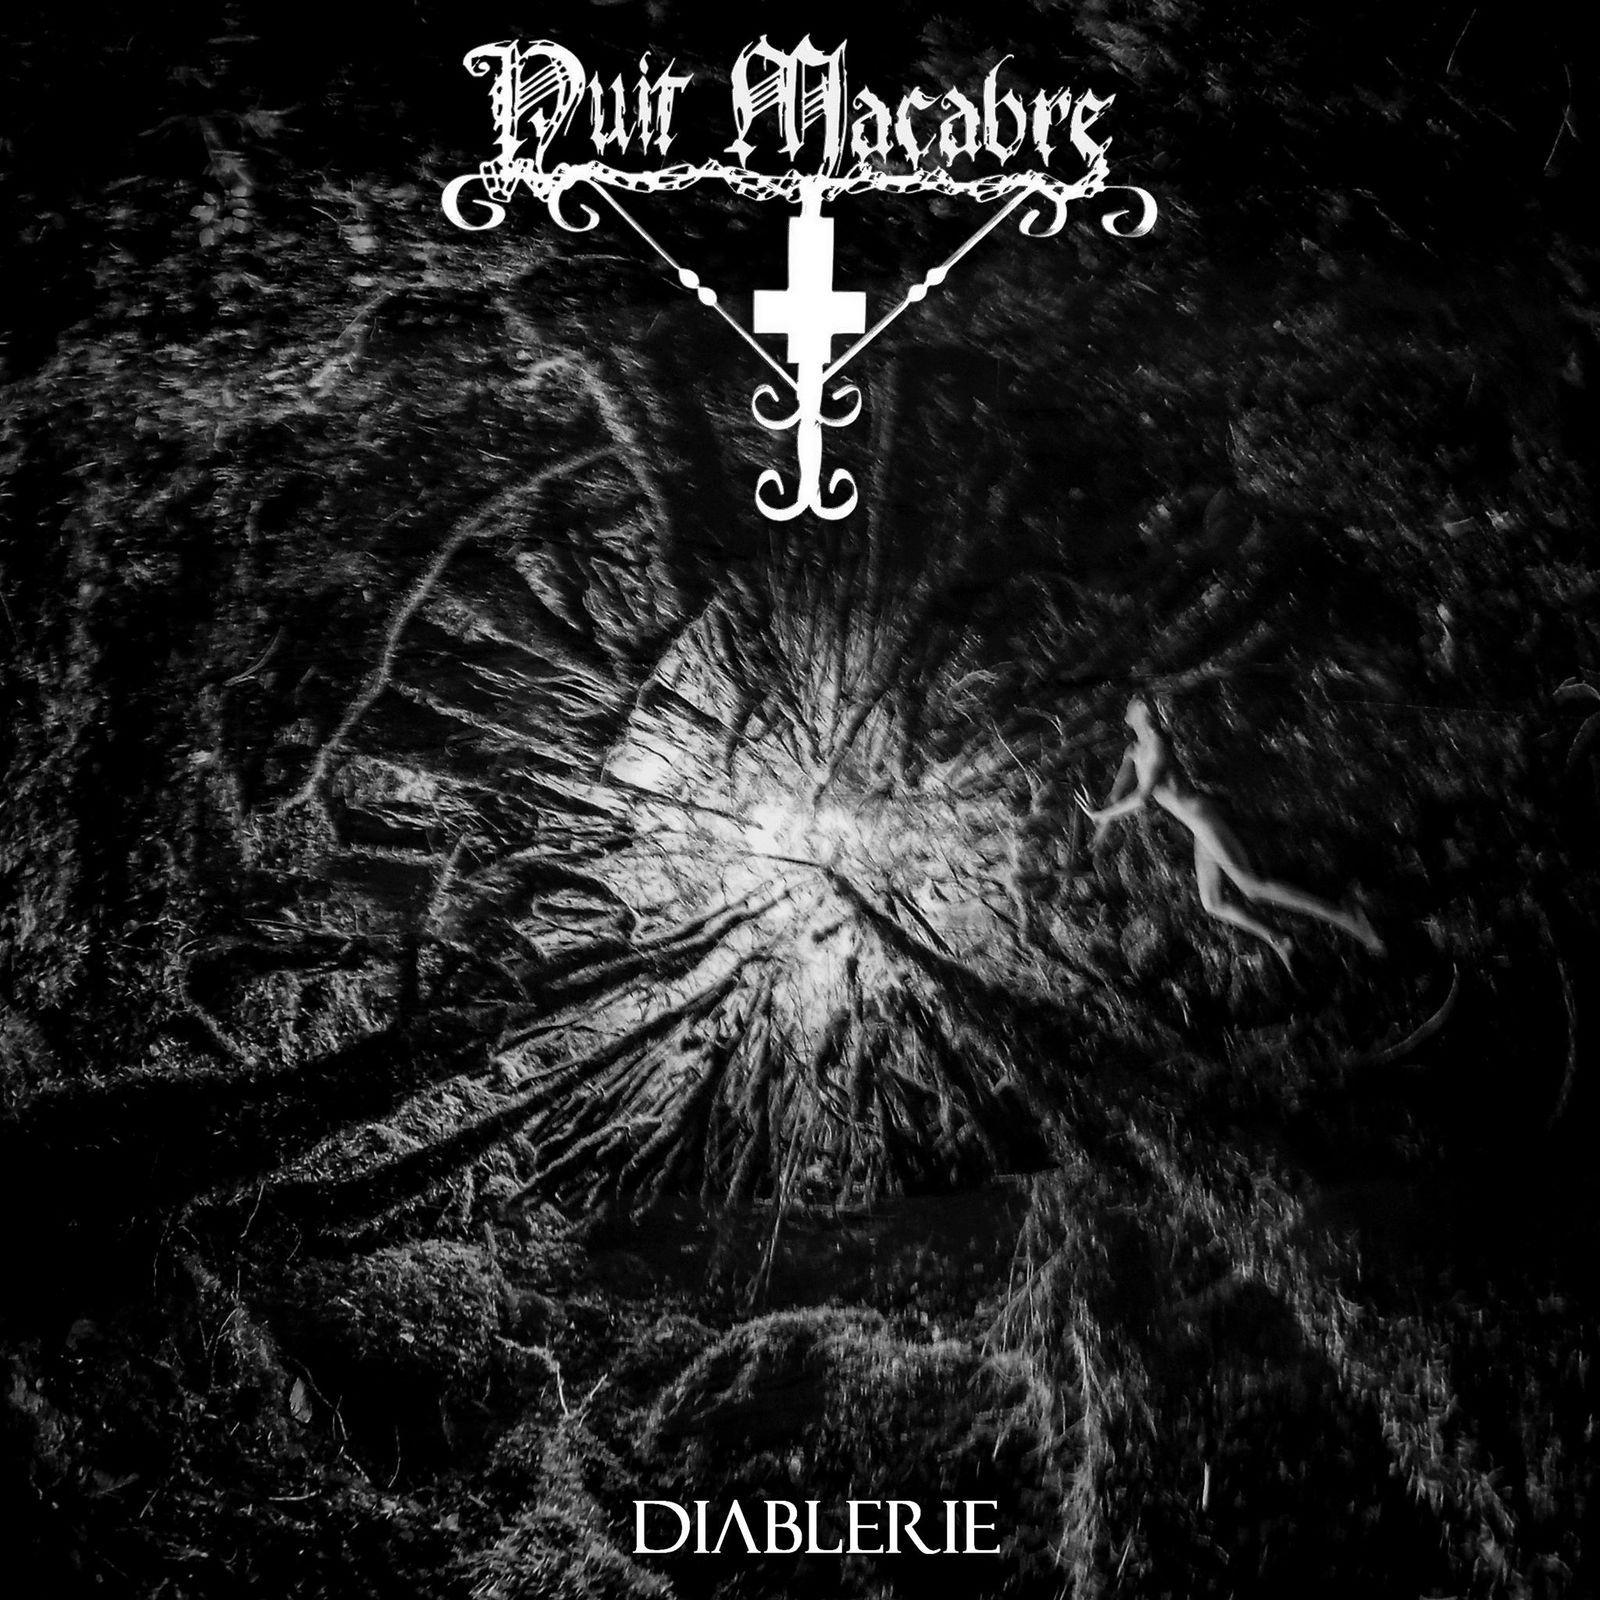 Chronique de l'album de NUIT MACABRE « Diablerie »